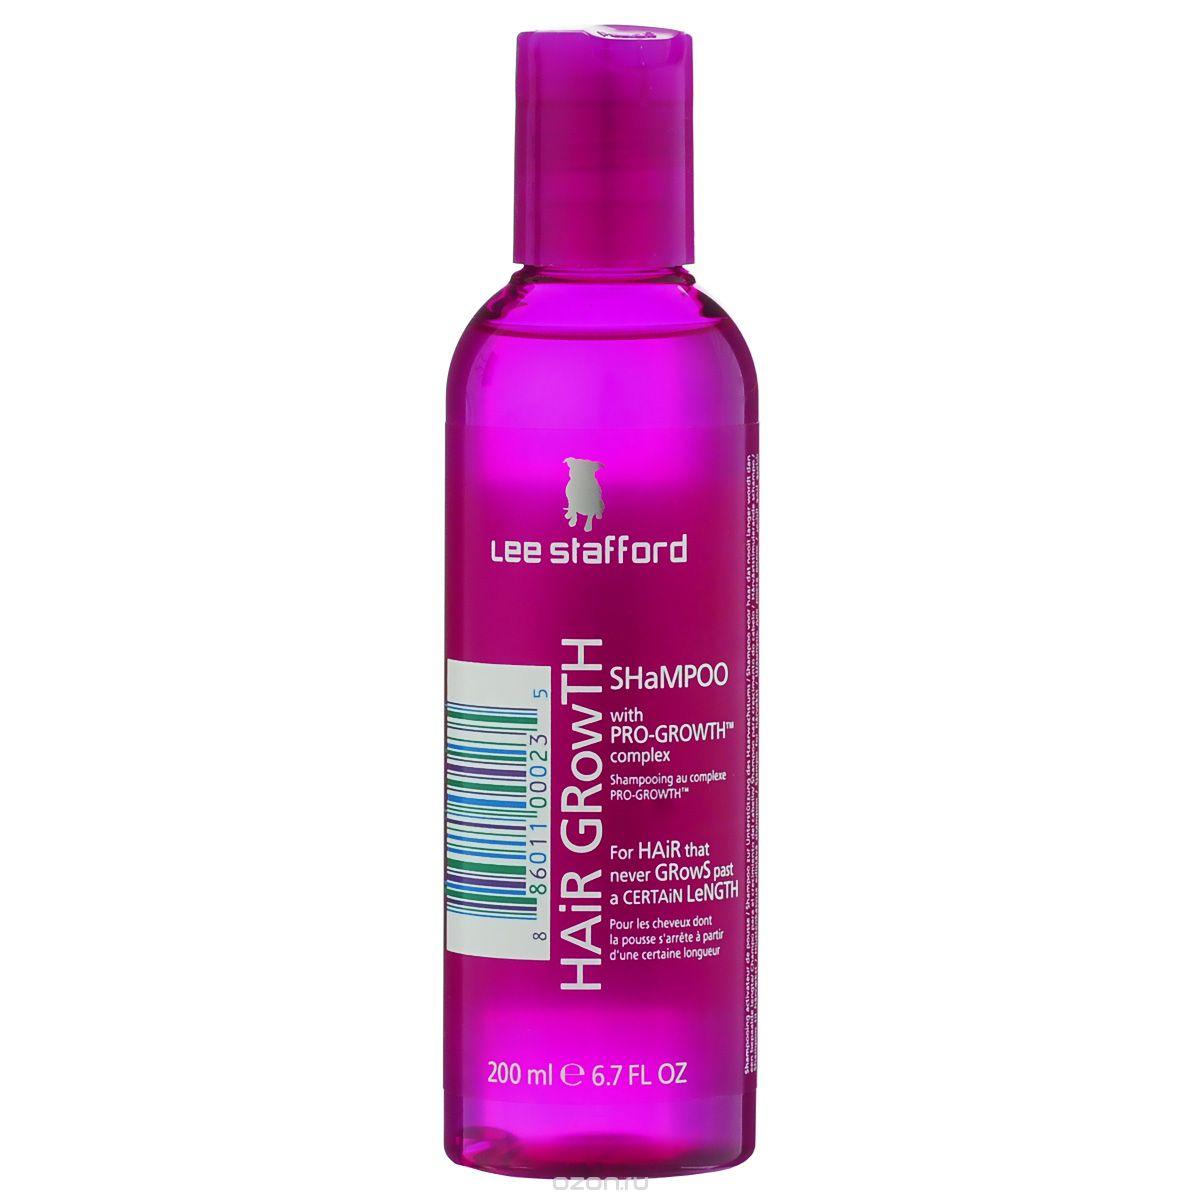 Lee Stafford Шампунь для роста волос Hair Growth, 200 мл695440200118 Lee Stafford Шампунь для роста волос Hair Growth Shampoo, 200 мл. Оказывает стимулирующее воздействие на кожу головы и корни волос, улучшает их состояние и придает объем.